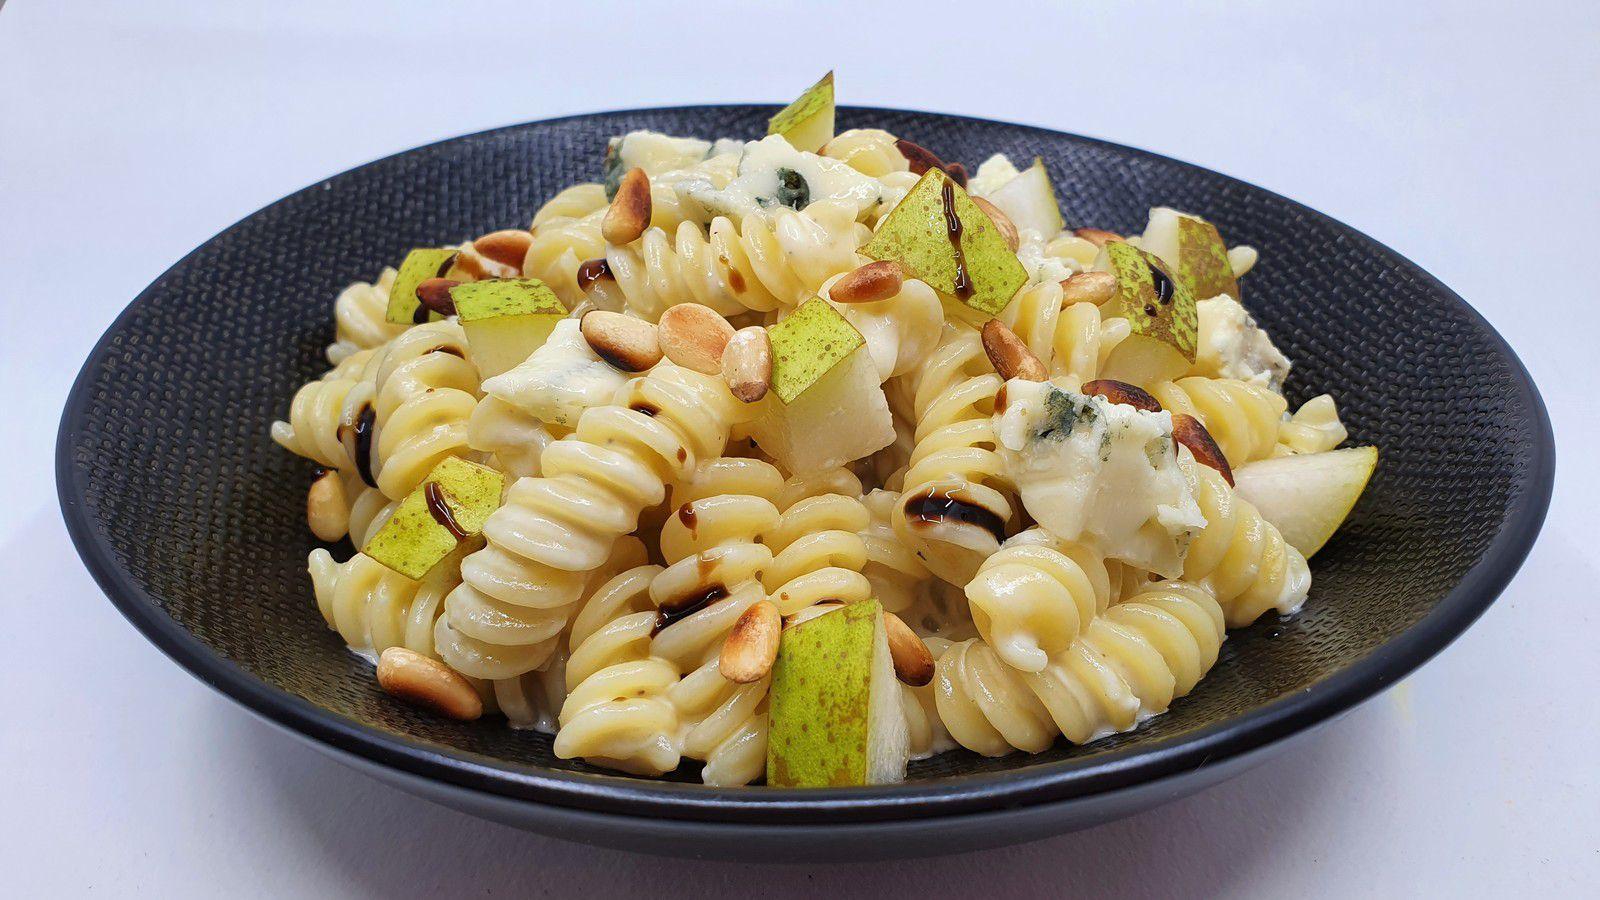 Pâtes au gorgonzola ou roquefort, poires et pignons